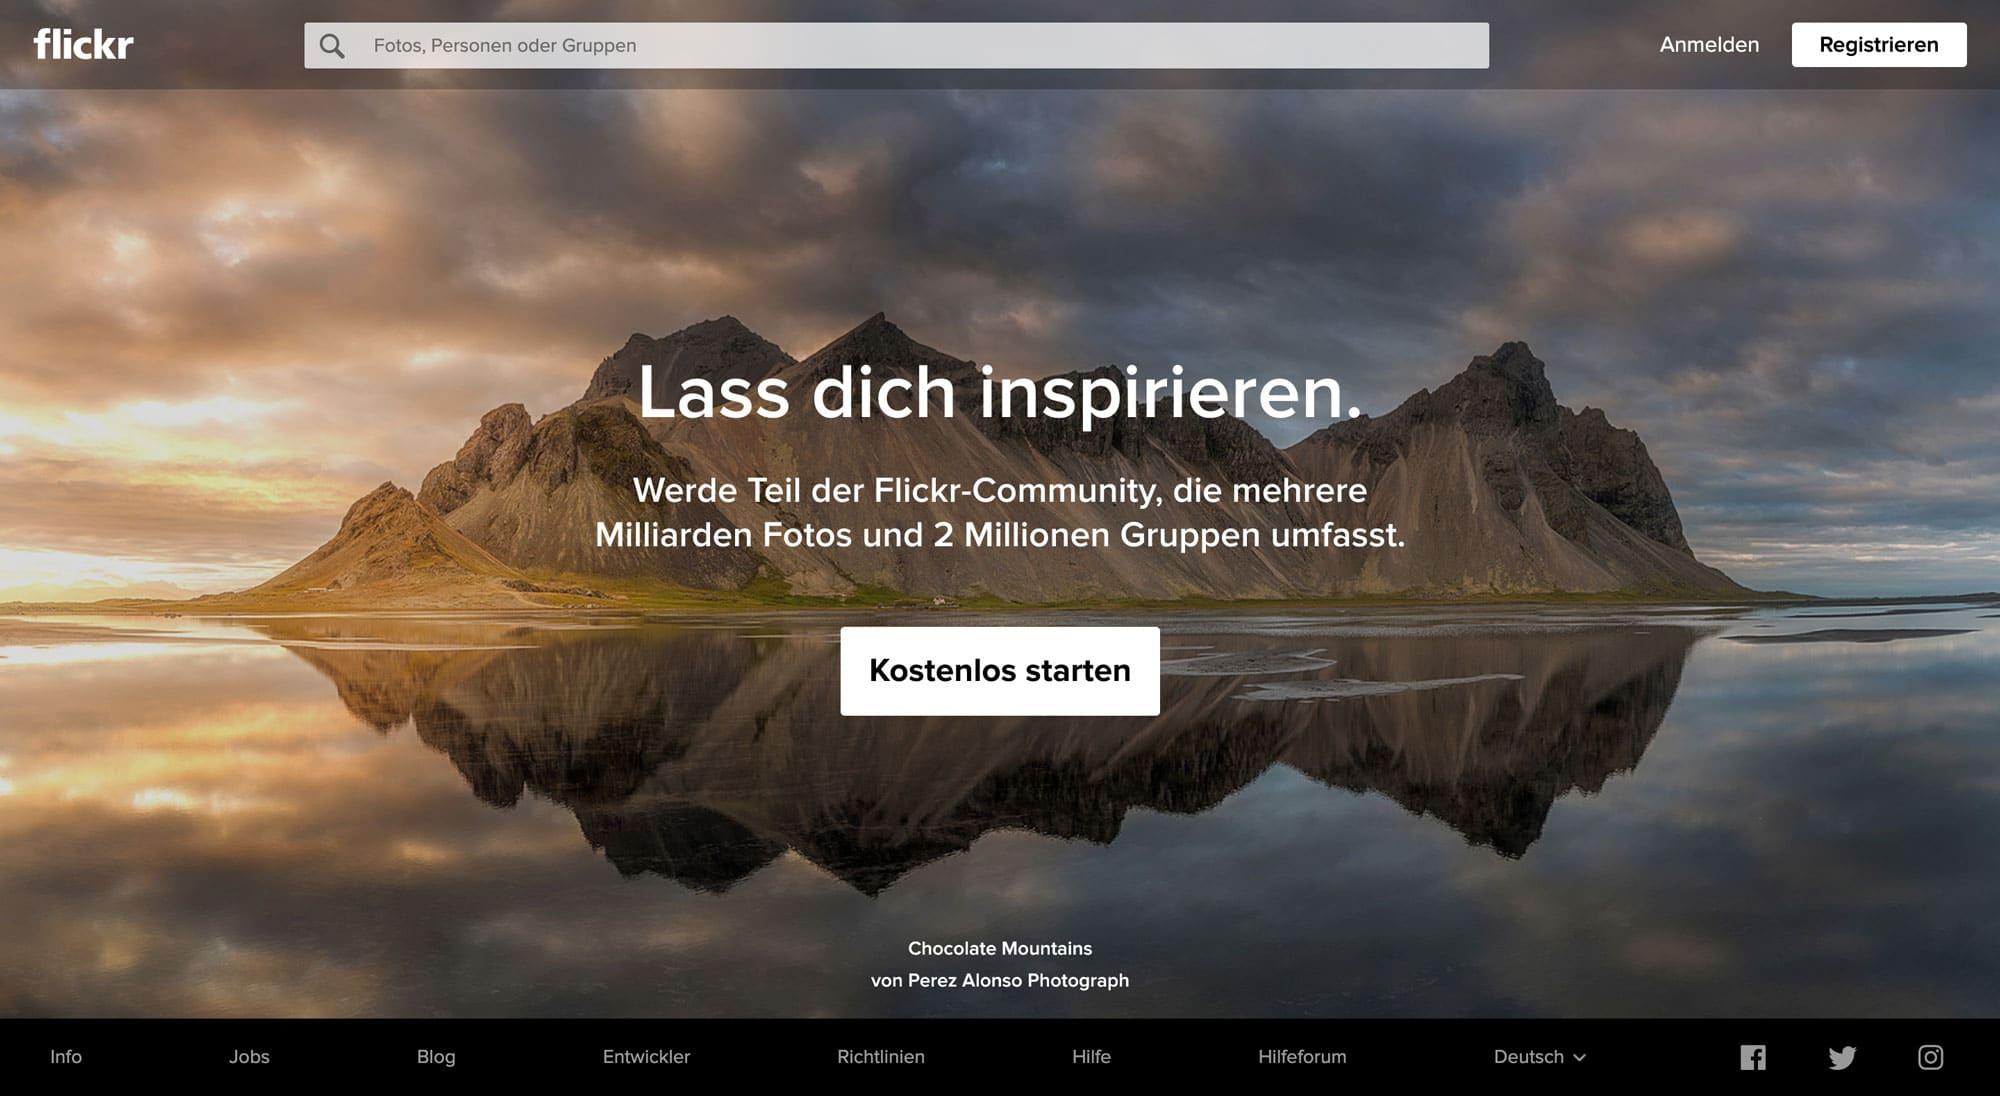 Flickr stellten Millionen von kostenlosen Bildern zur Verfügung